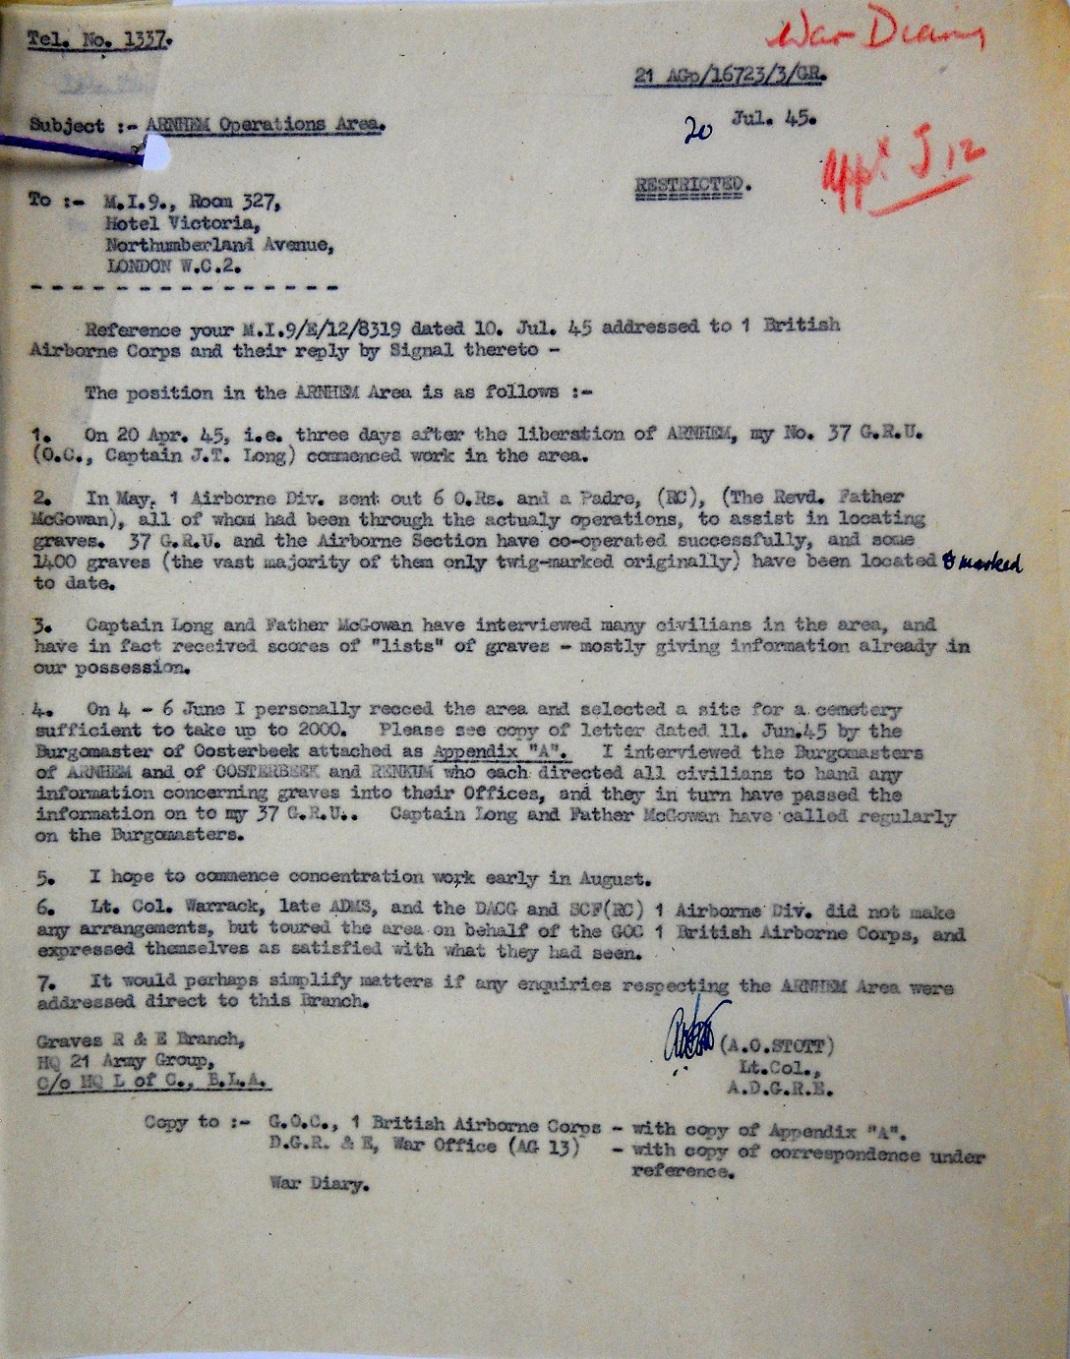 Stott memorandum, 20 July 1945